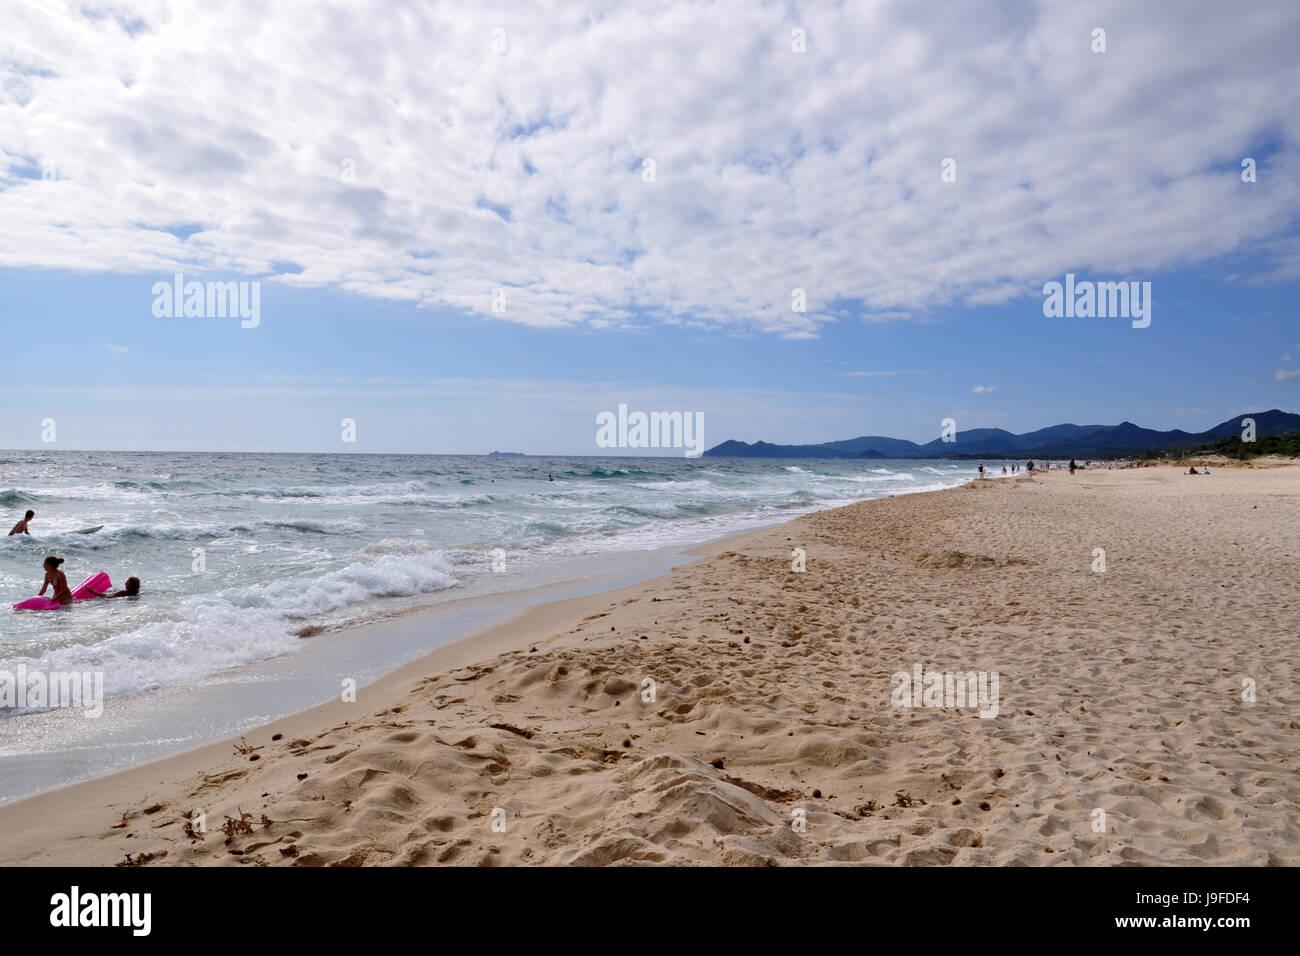 Campulongu beach view on Sardinia island in Italy - Stock Image